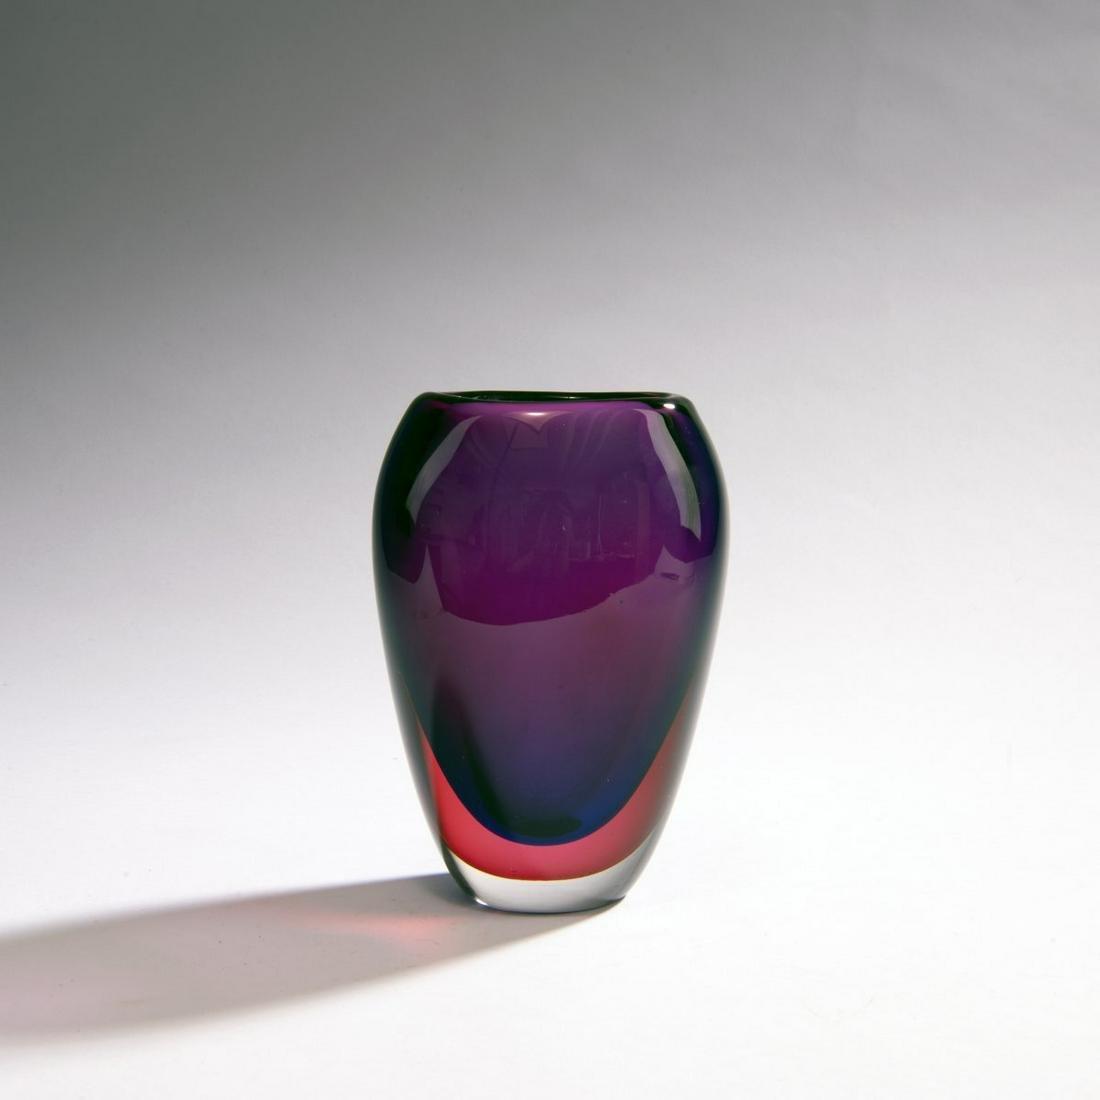 Flavio Poli, 'Sommerso' vase, c. 1954